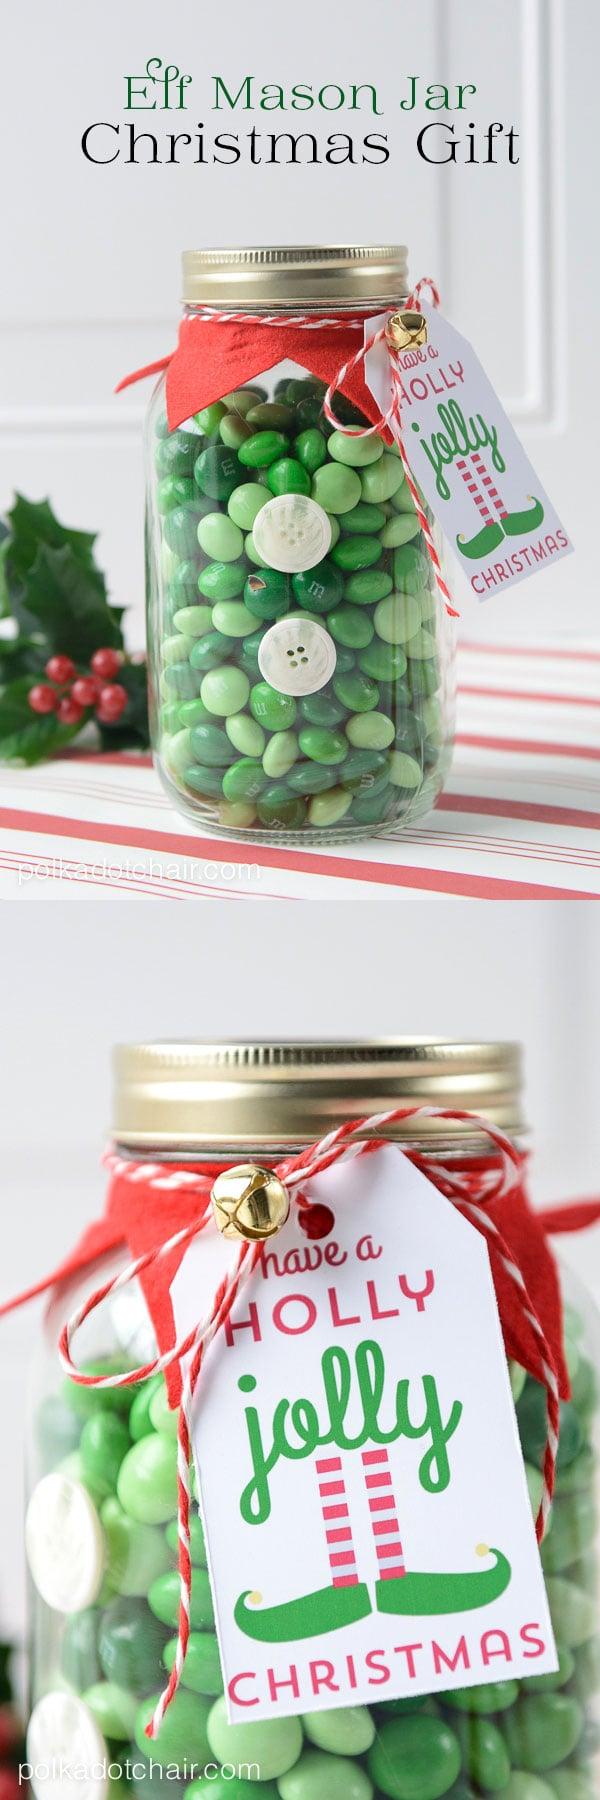 printable christmas gifts